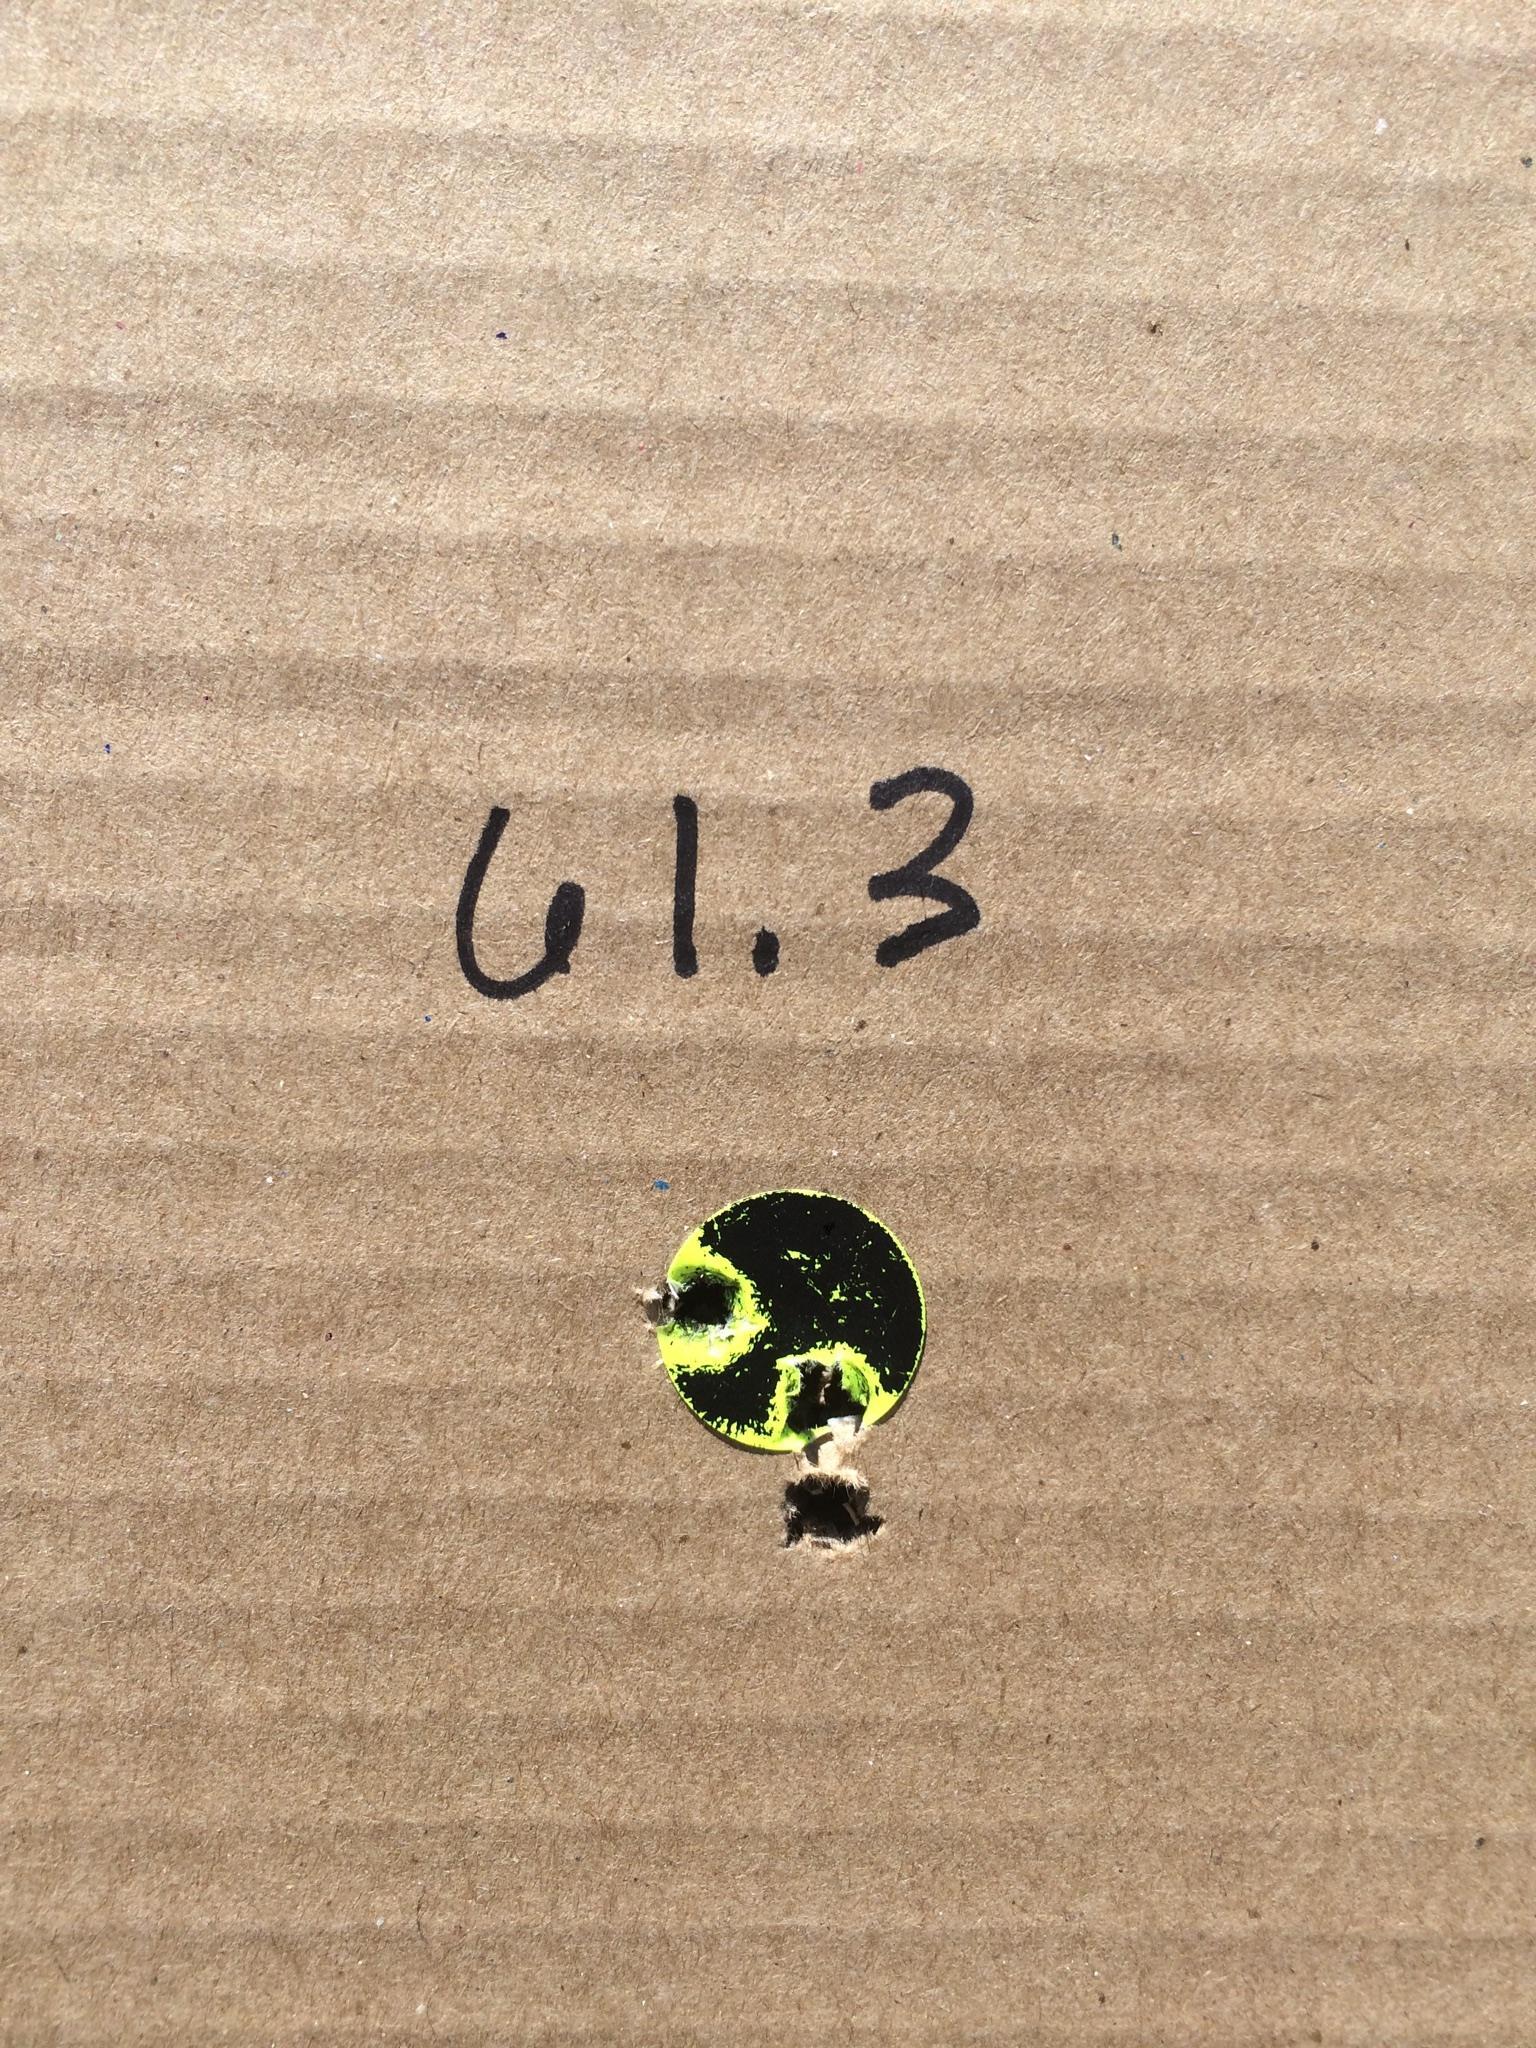 88F23DE6-0CED-4E71-B905-7CAB9006C565.jpeg